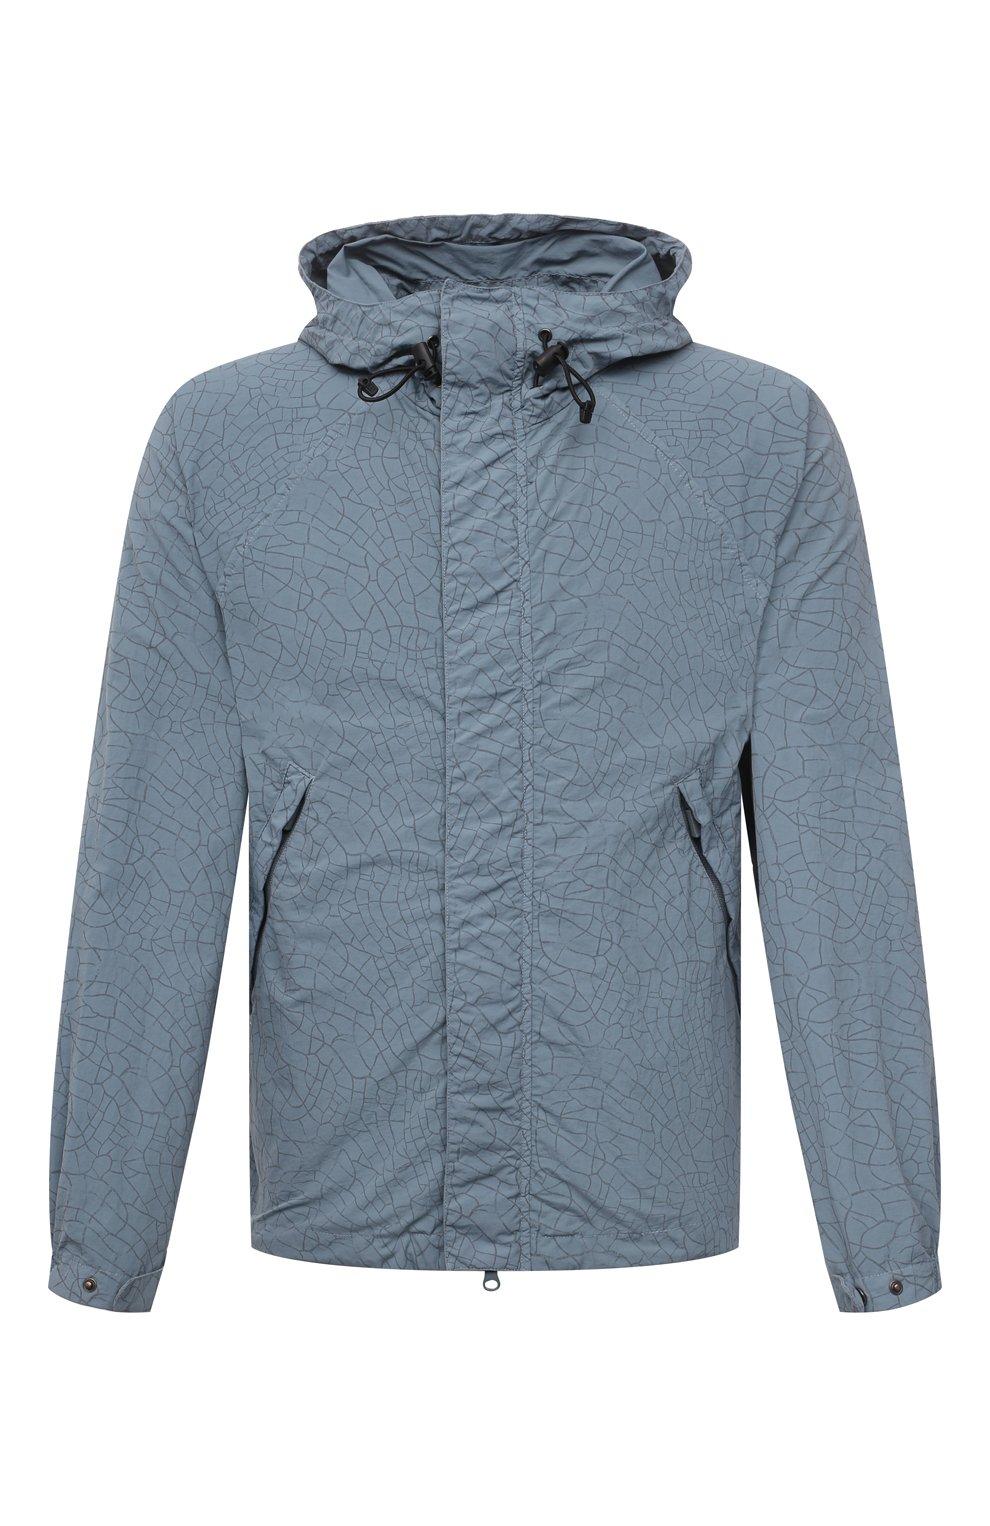 Мужская куртка ASPESI бирюзового цвета, арт. S1 I I116 G402   Фото 1 (Кросс-КТ: Куртка, Ветровка; Рукава: Длинные; Материал внешний: Синтетический материал; Длина (верхняя одежда): Короткие; Стили: Кэжуэл)